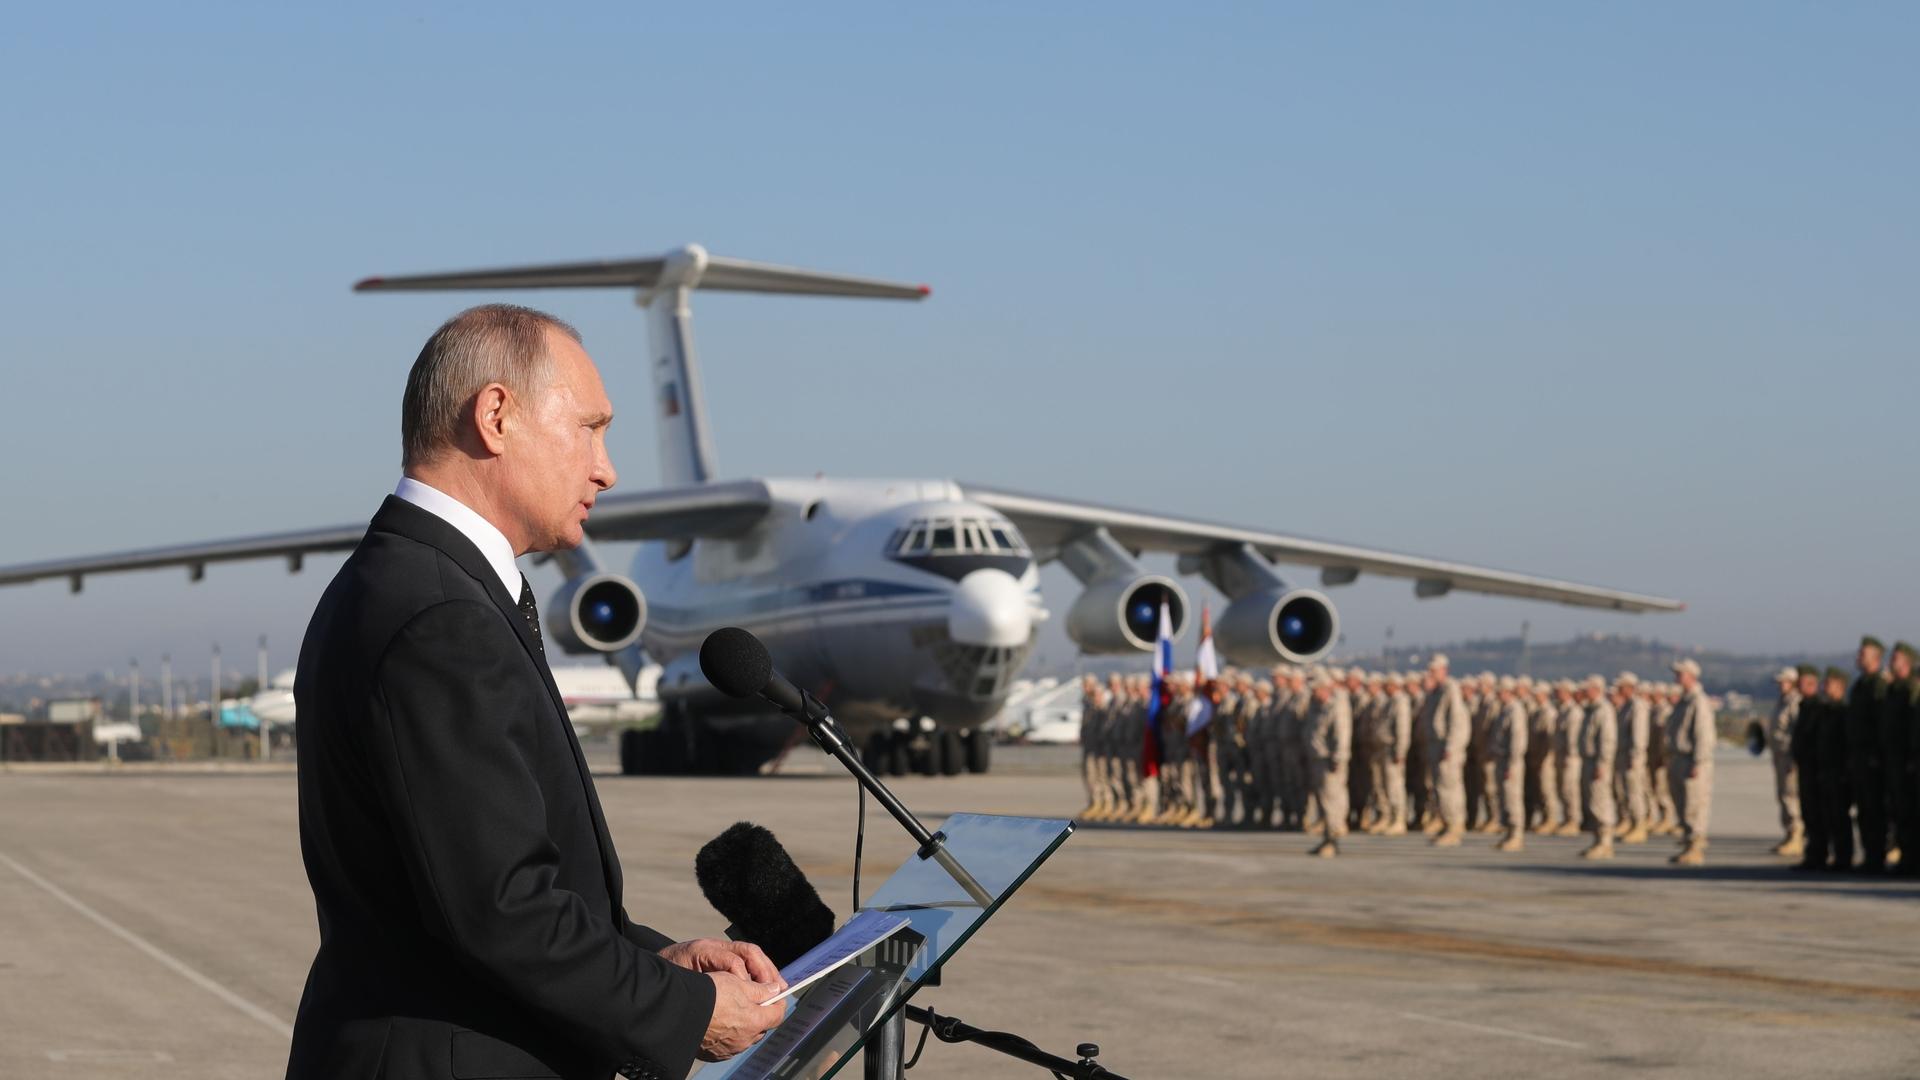 بوتين يأمر بالتفاوض مع سوريا حول تسليم الجيش الروسي منشآت ومناطق بحرية إضافية